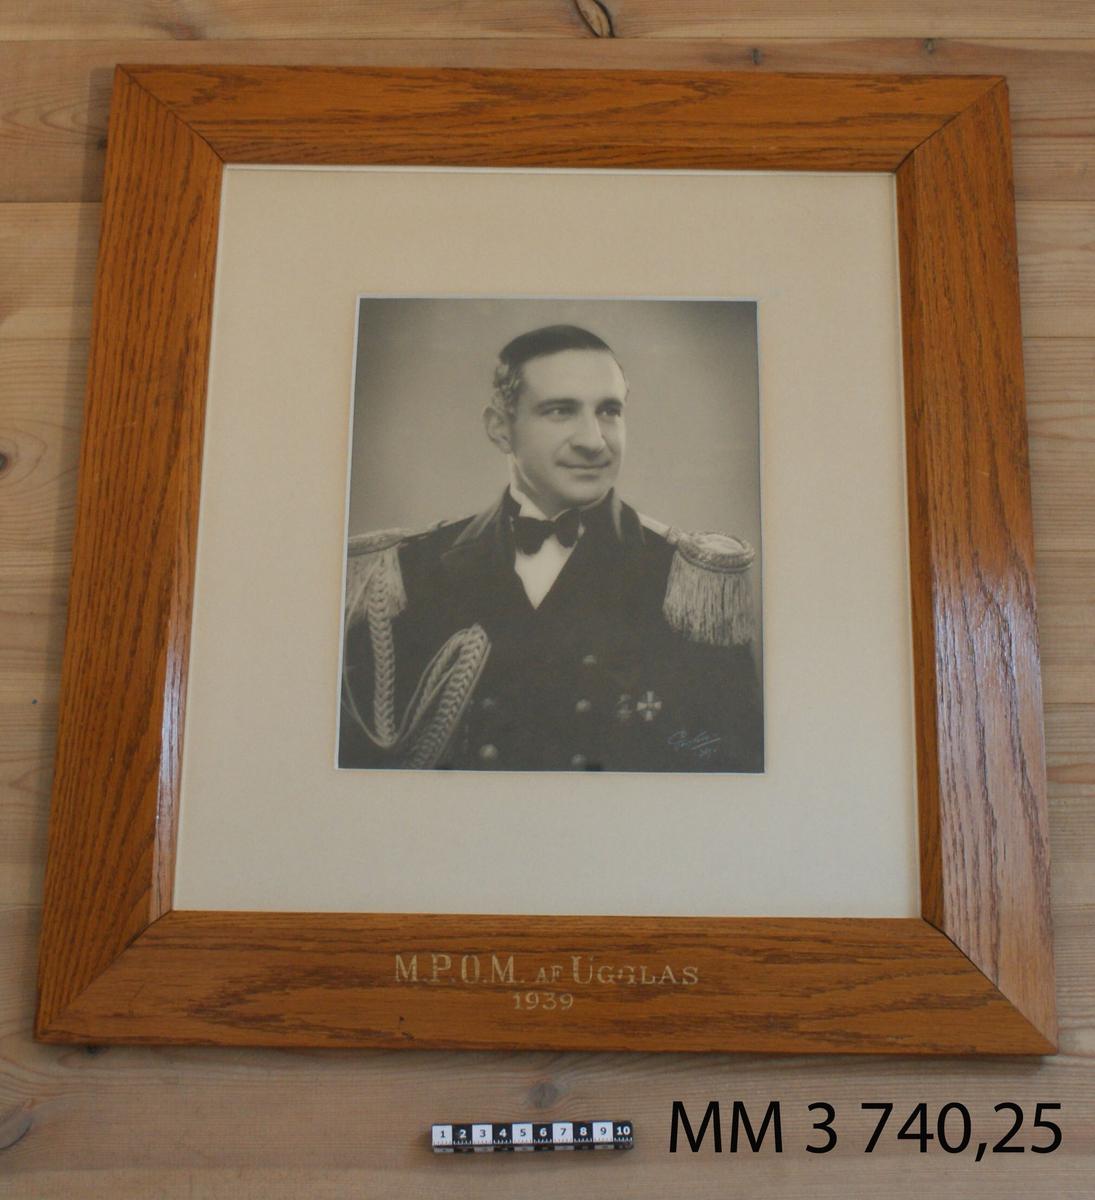 Fotografi M P O M af Ugglas 1939. 25 st fotografier inom glas och ram, av ekfanér, av porträtt av cheferna för Skeppsgossekåren i Karlskrona åren 1875 - 1939. MM3740:1-25.